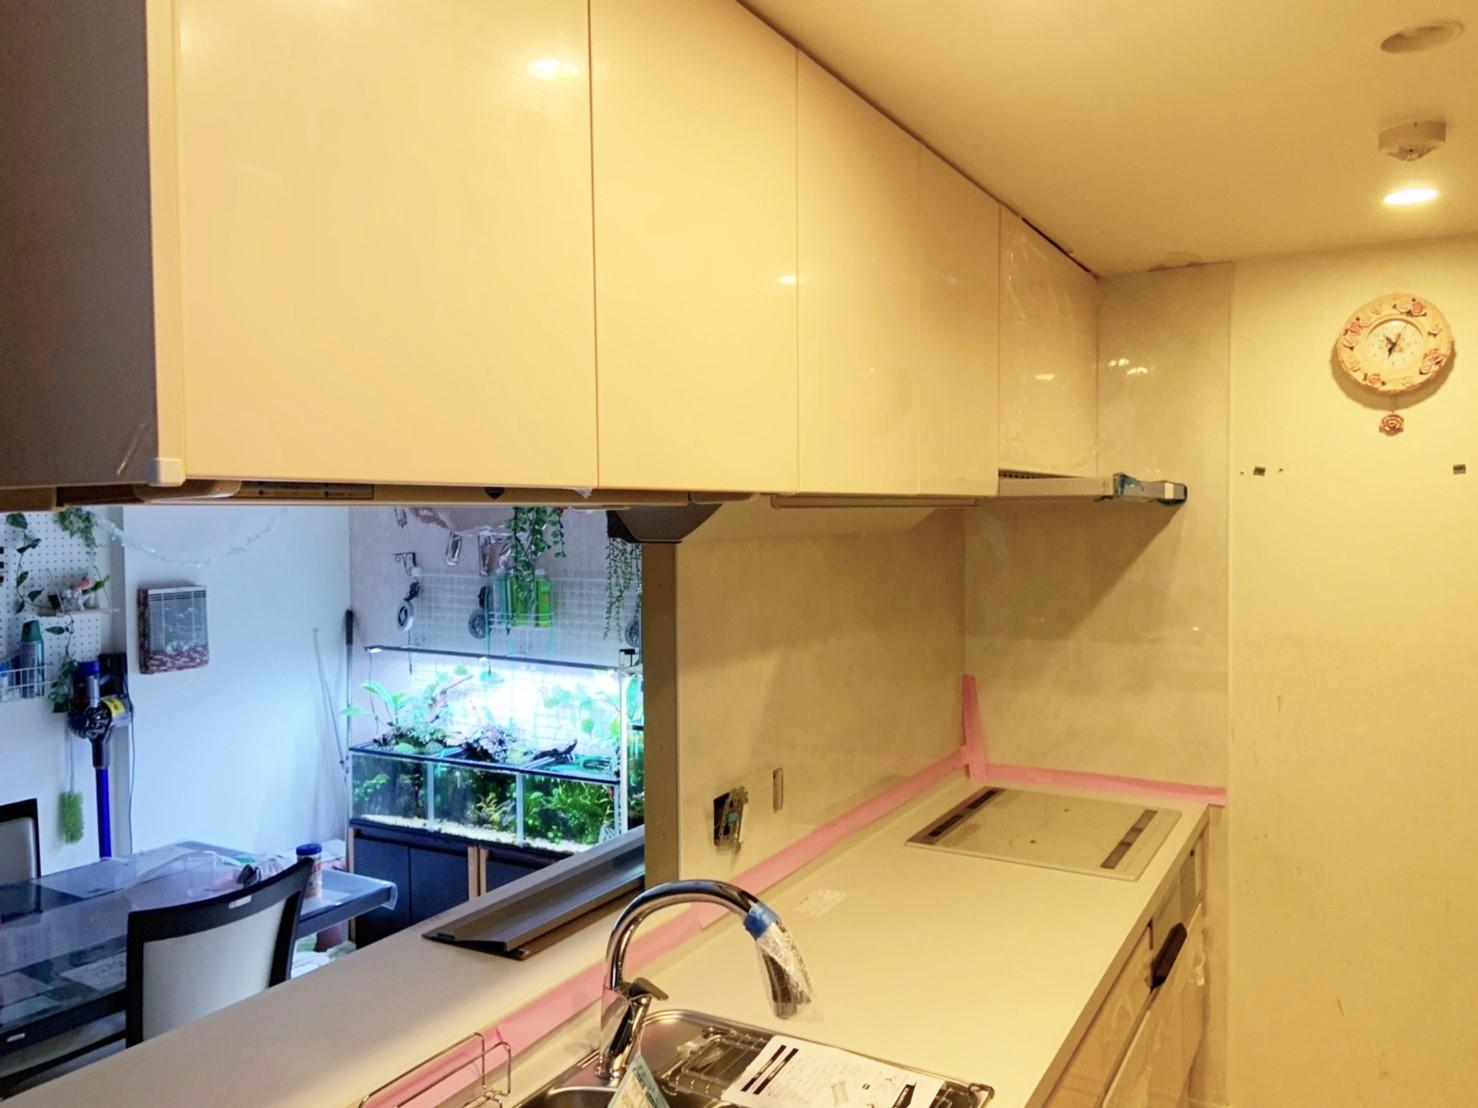 千葉県浦安市N様邸 キッチンのリフォーム